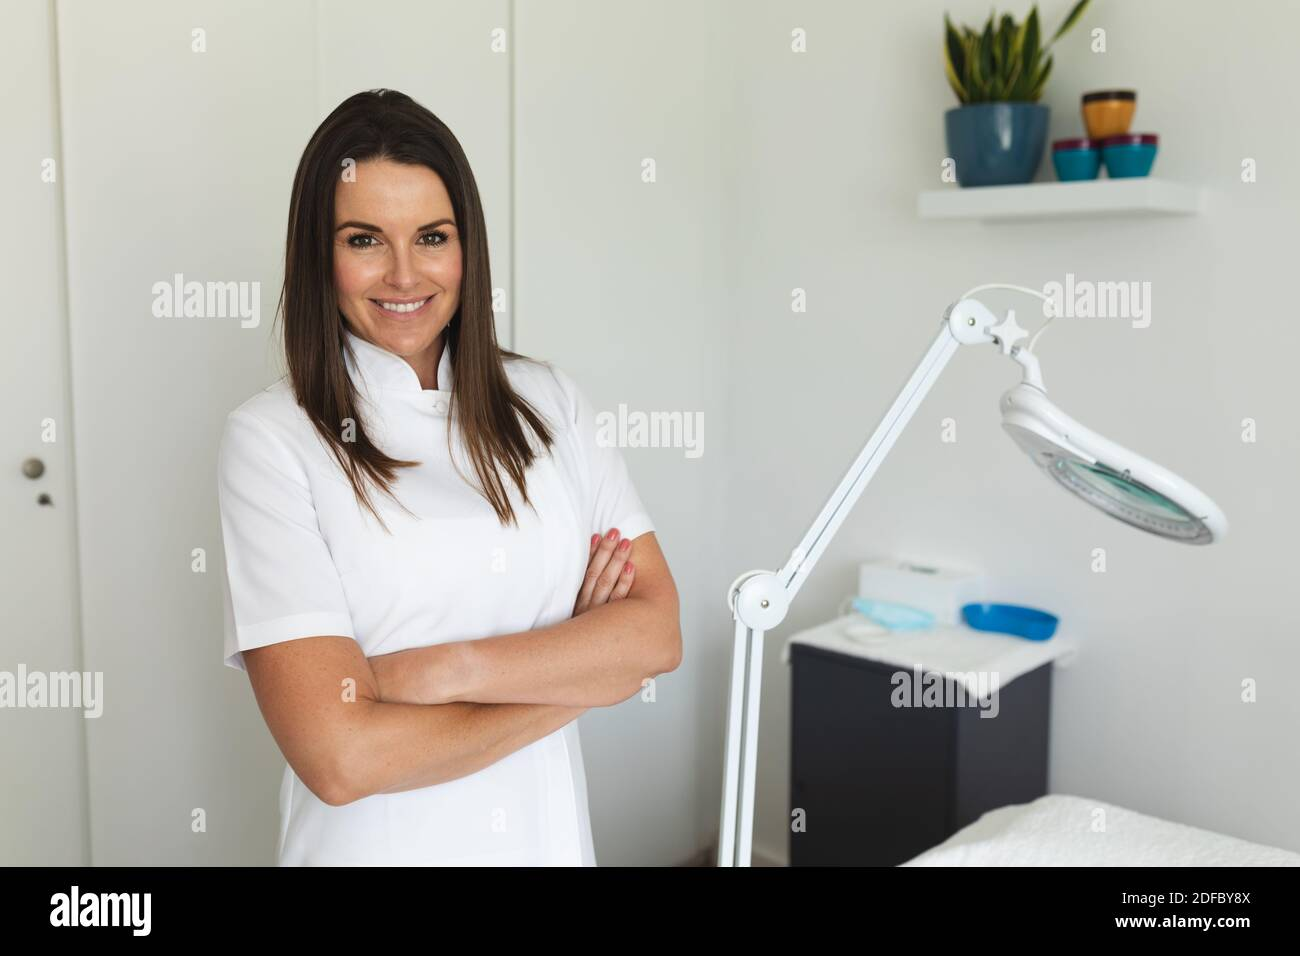 Retrato de la mujer caucásica esteticista de pie en un salón de belleza, mirando a la cámara y sonriente Foto de stock